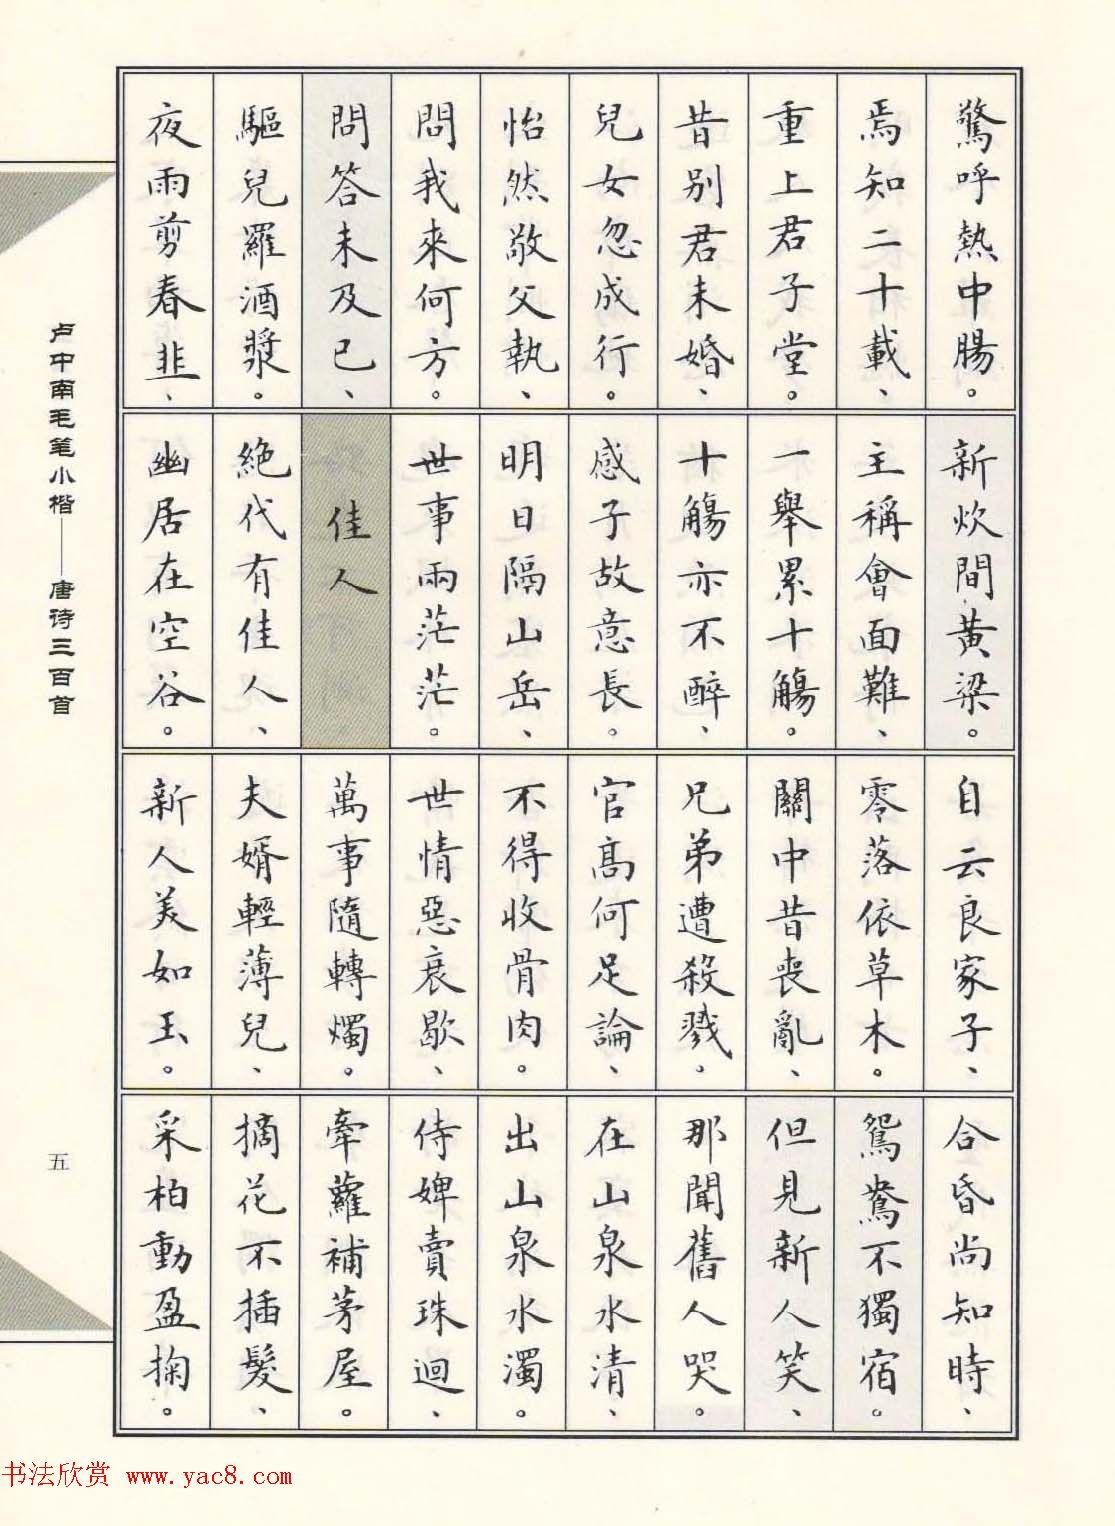 卢中南毛笔小楷字帖欣赏《唐诗三百首》